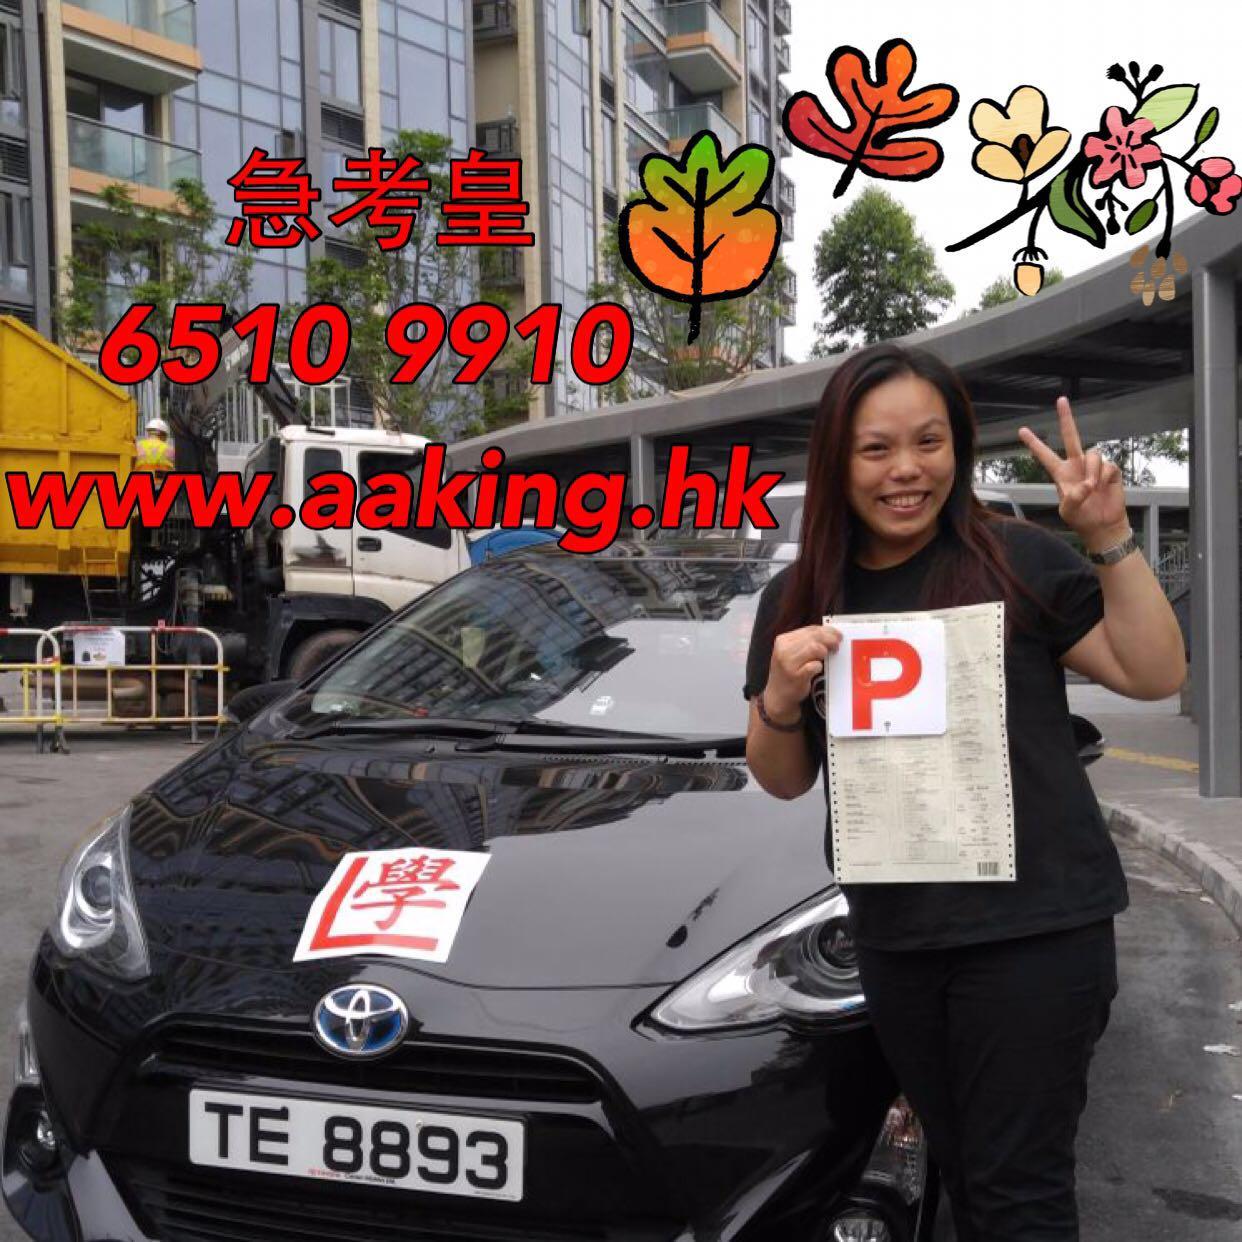 淑貞 17/5/2016 16:00 忠義街 考私家車 Pass 人要有適當的壓力 才能超越巔峰!